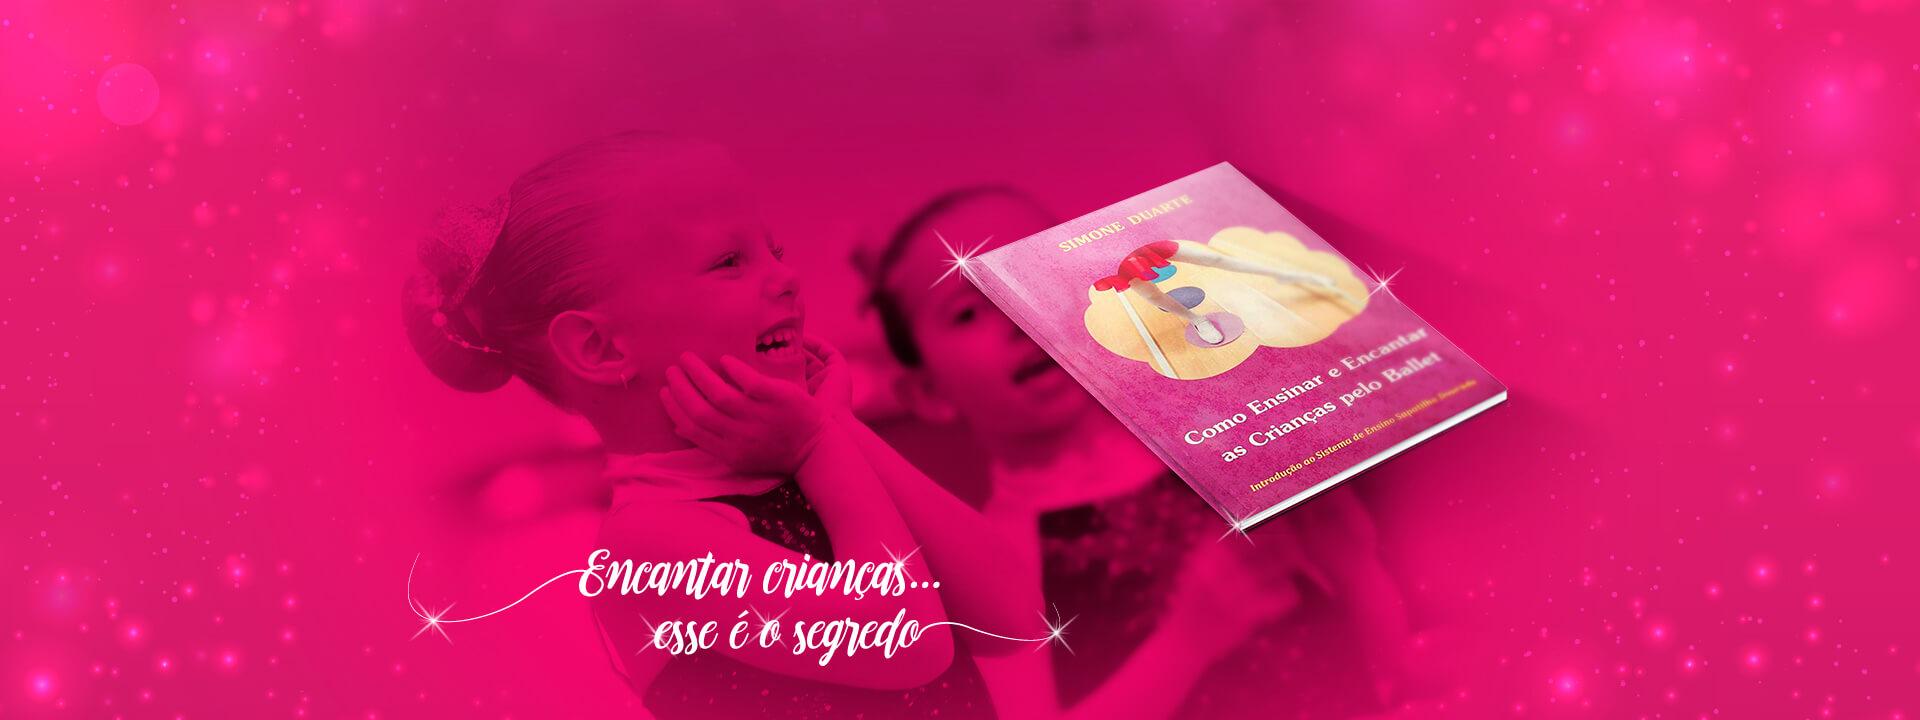 Encantar crianças esse é o segredo